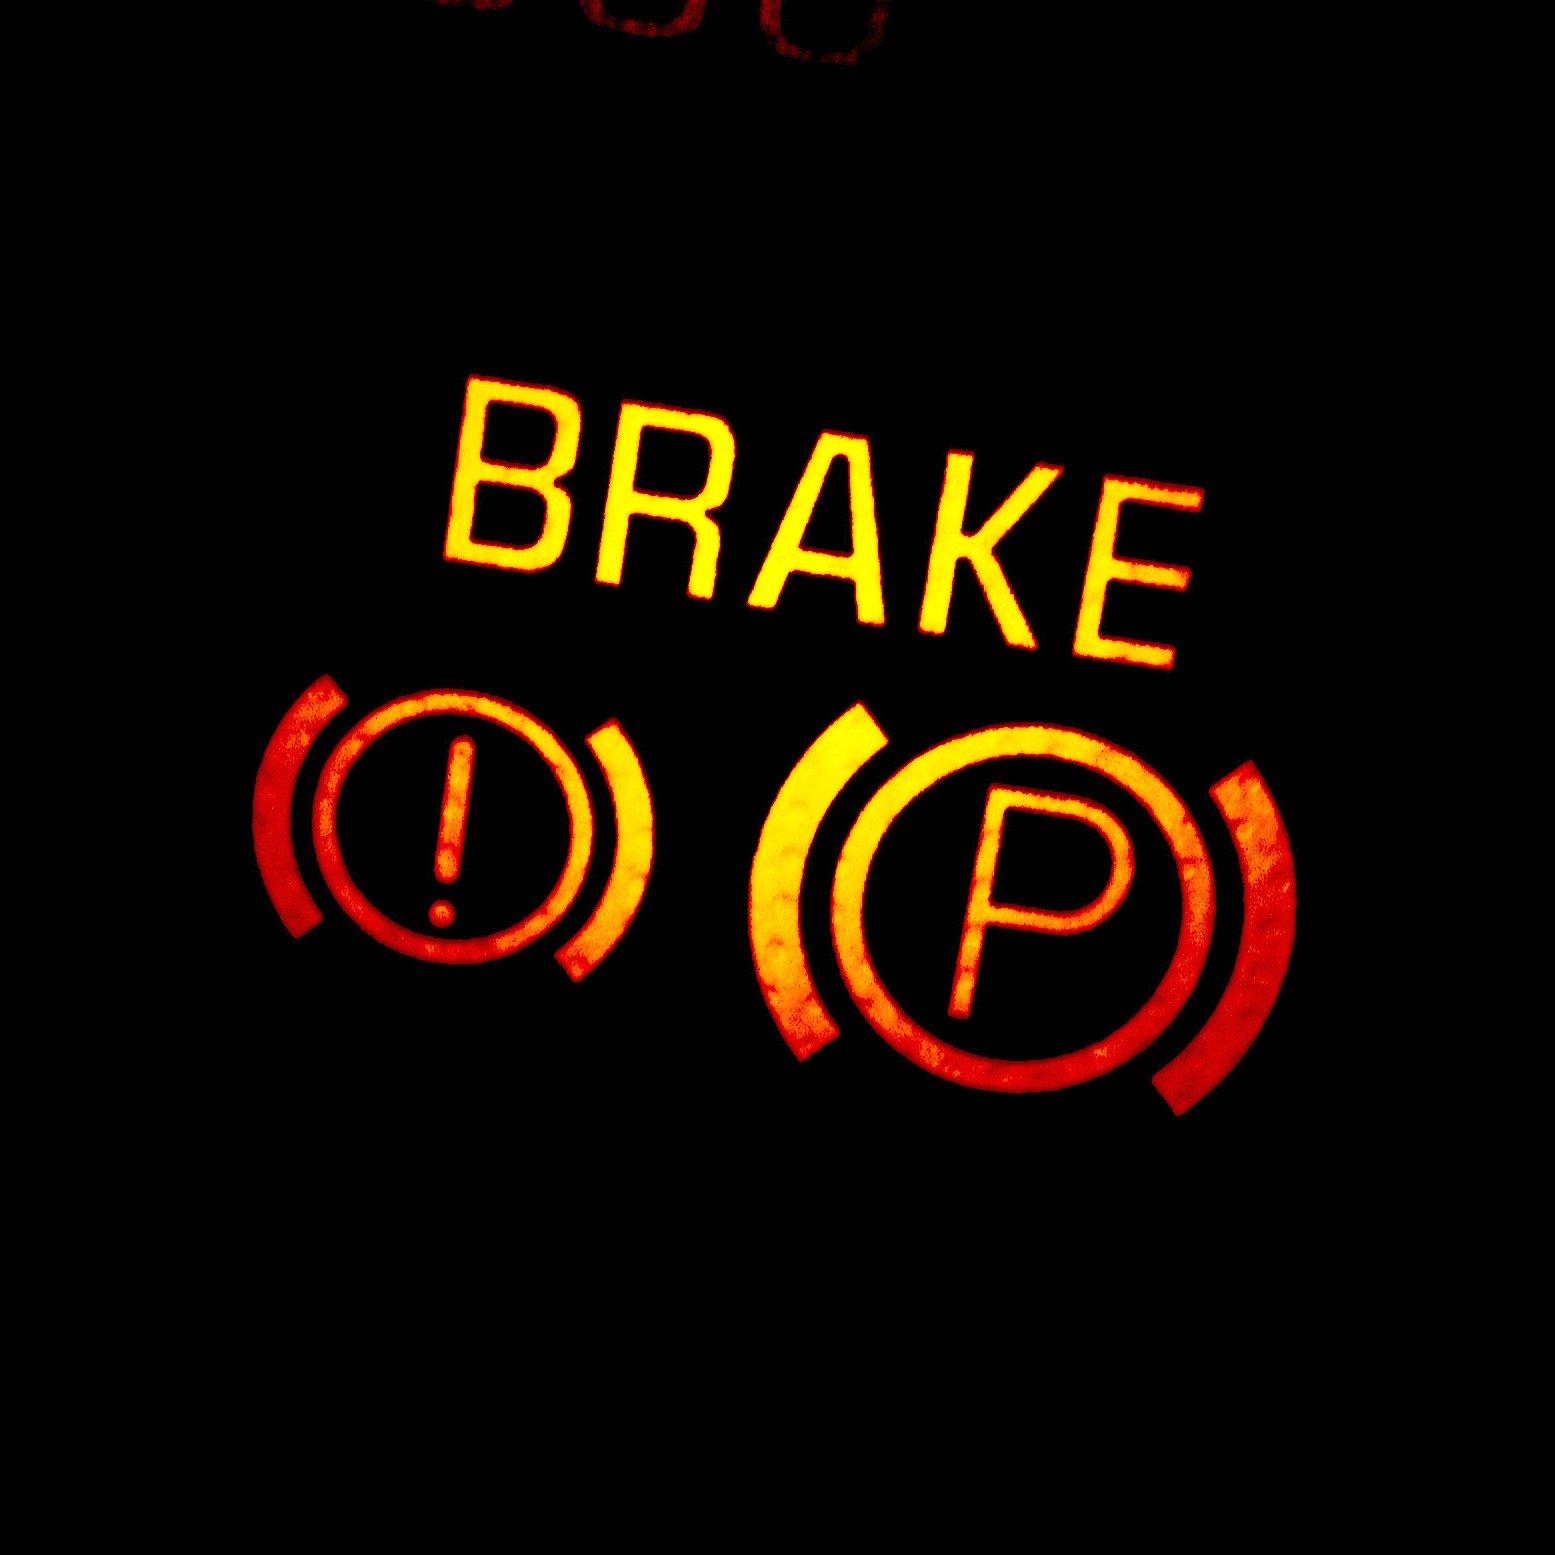 ผลการค้นหารูปภาพสำหรับ The brake starts to warning